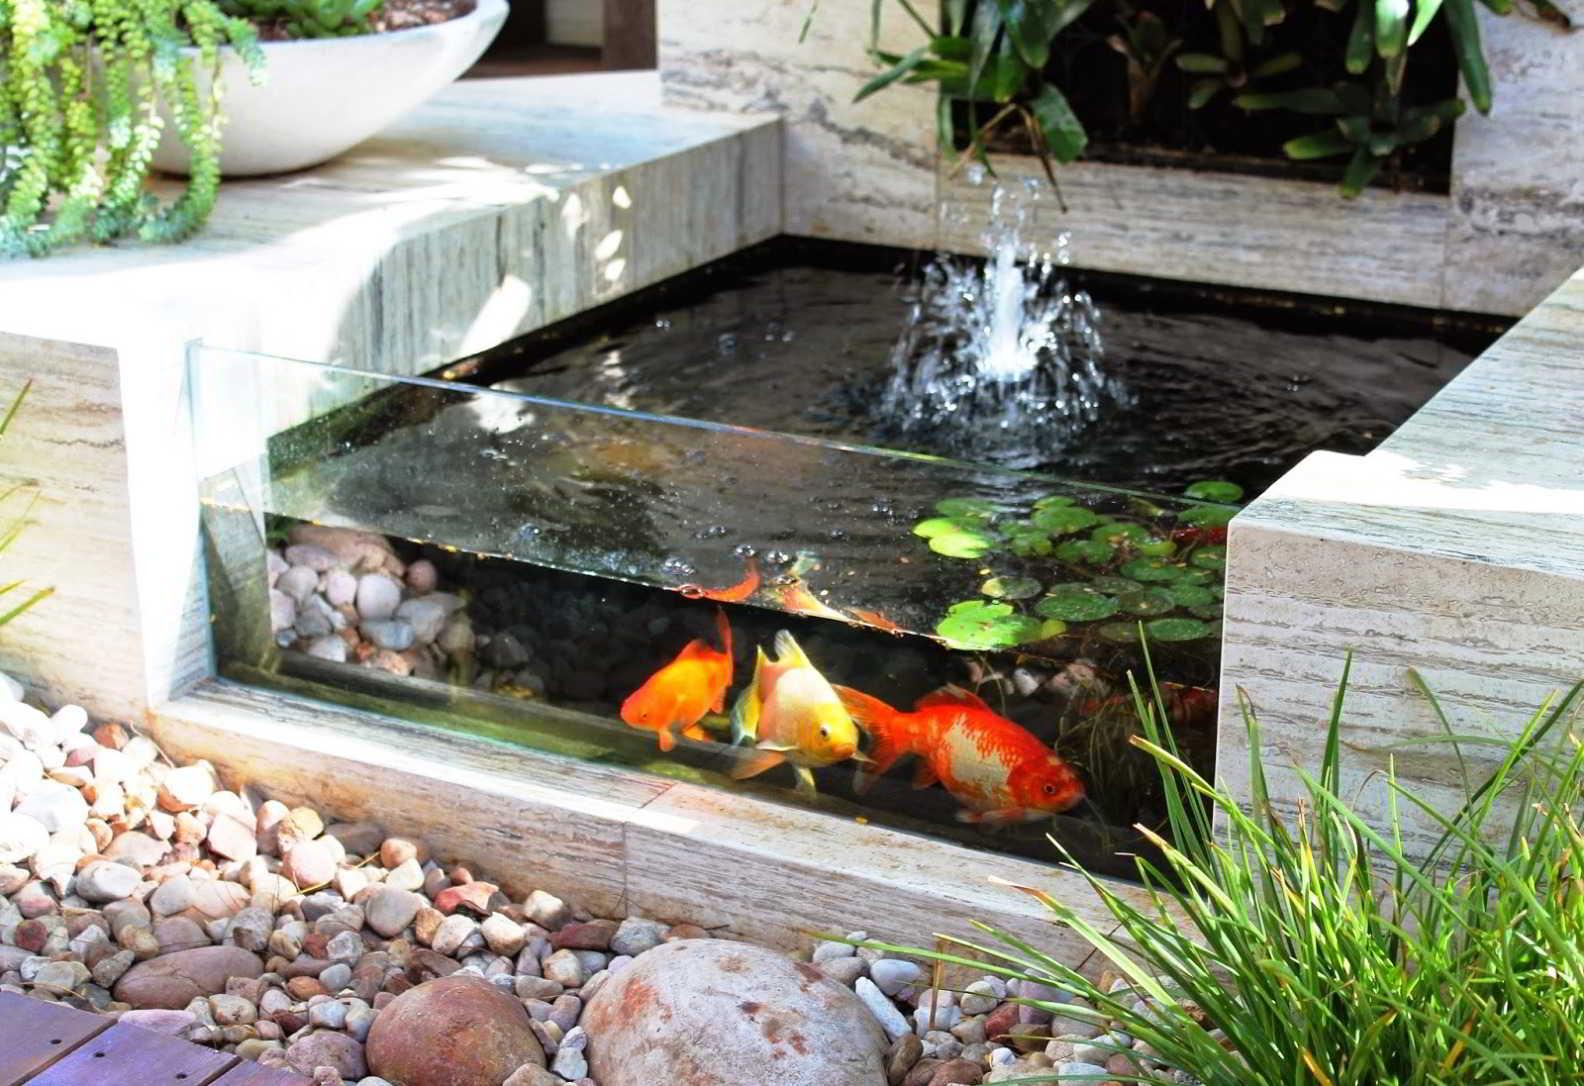 Taman Minimalis Cantik dengan Kolam Ikan